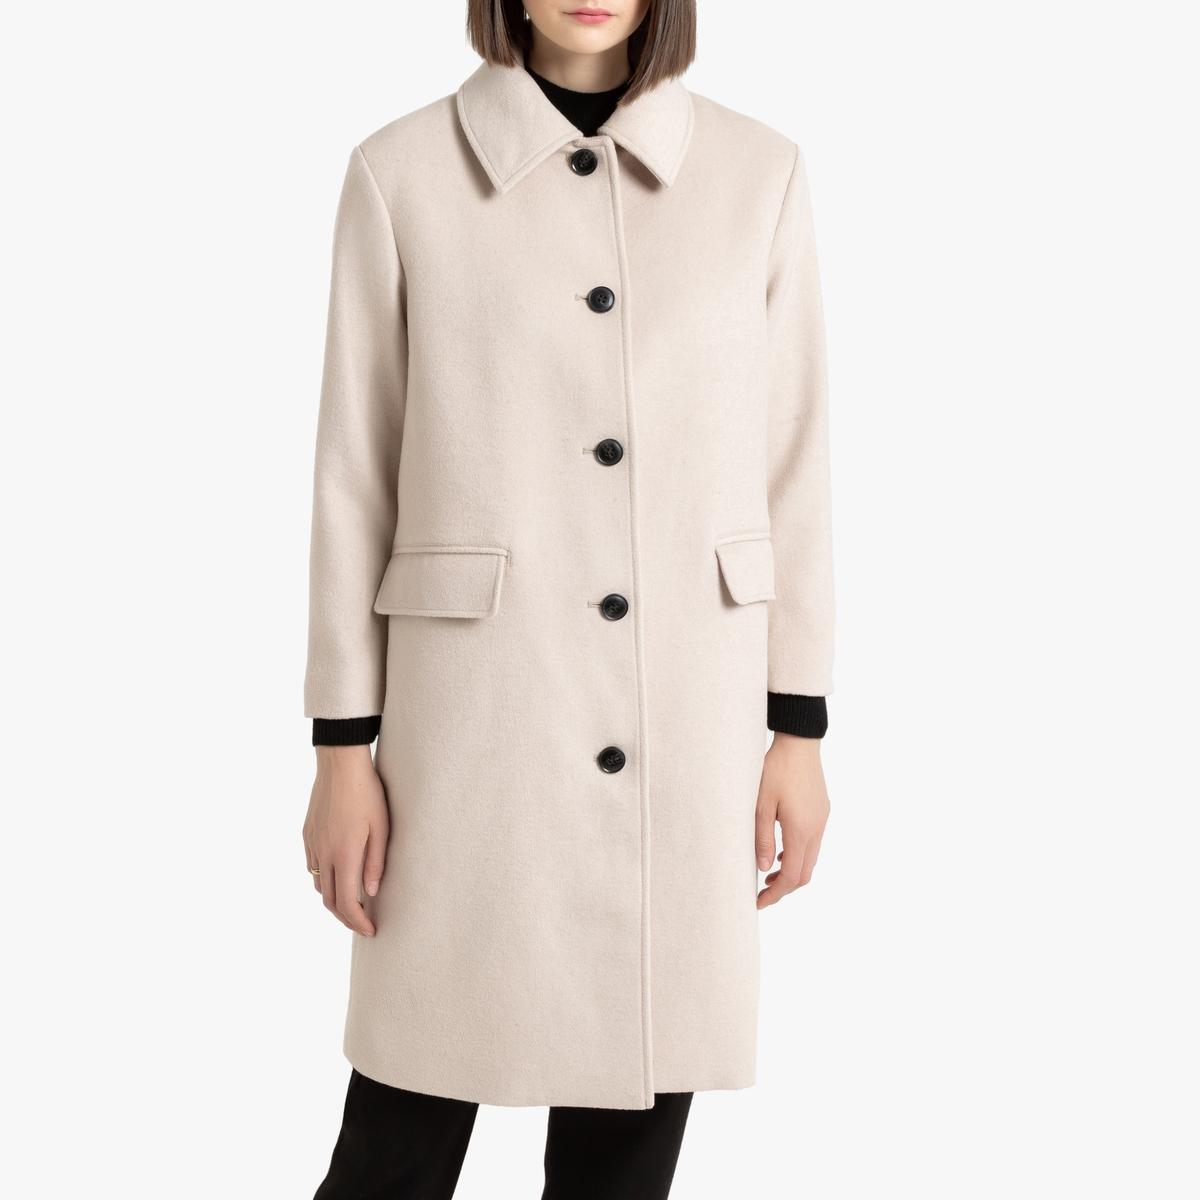 съемный воротник у пальто на кнопках фото популярный модный тренд